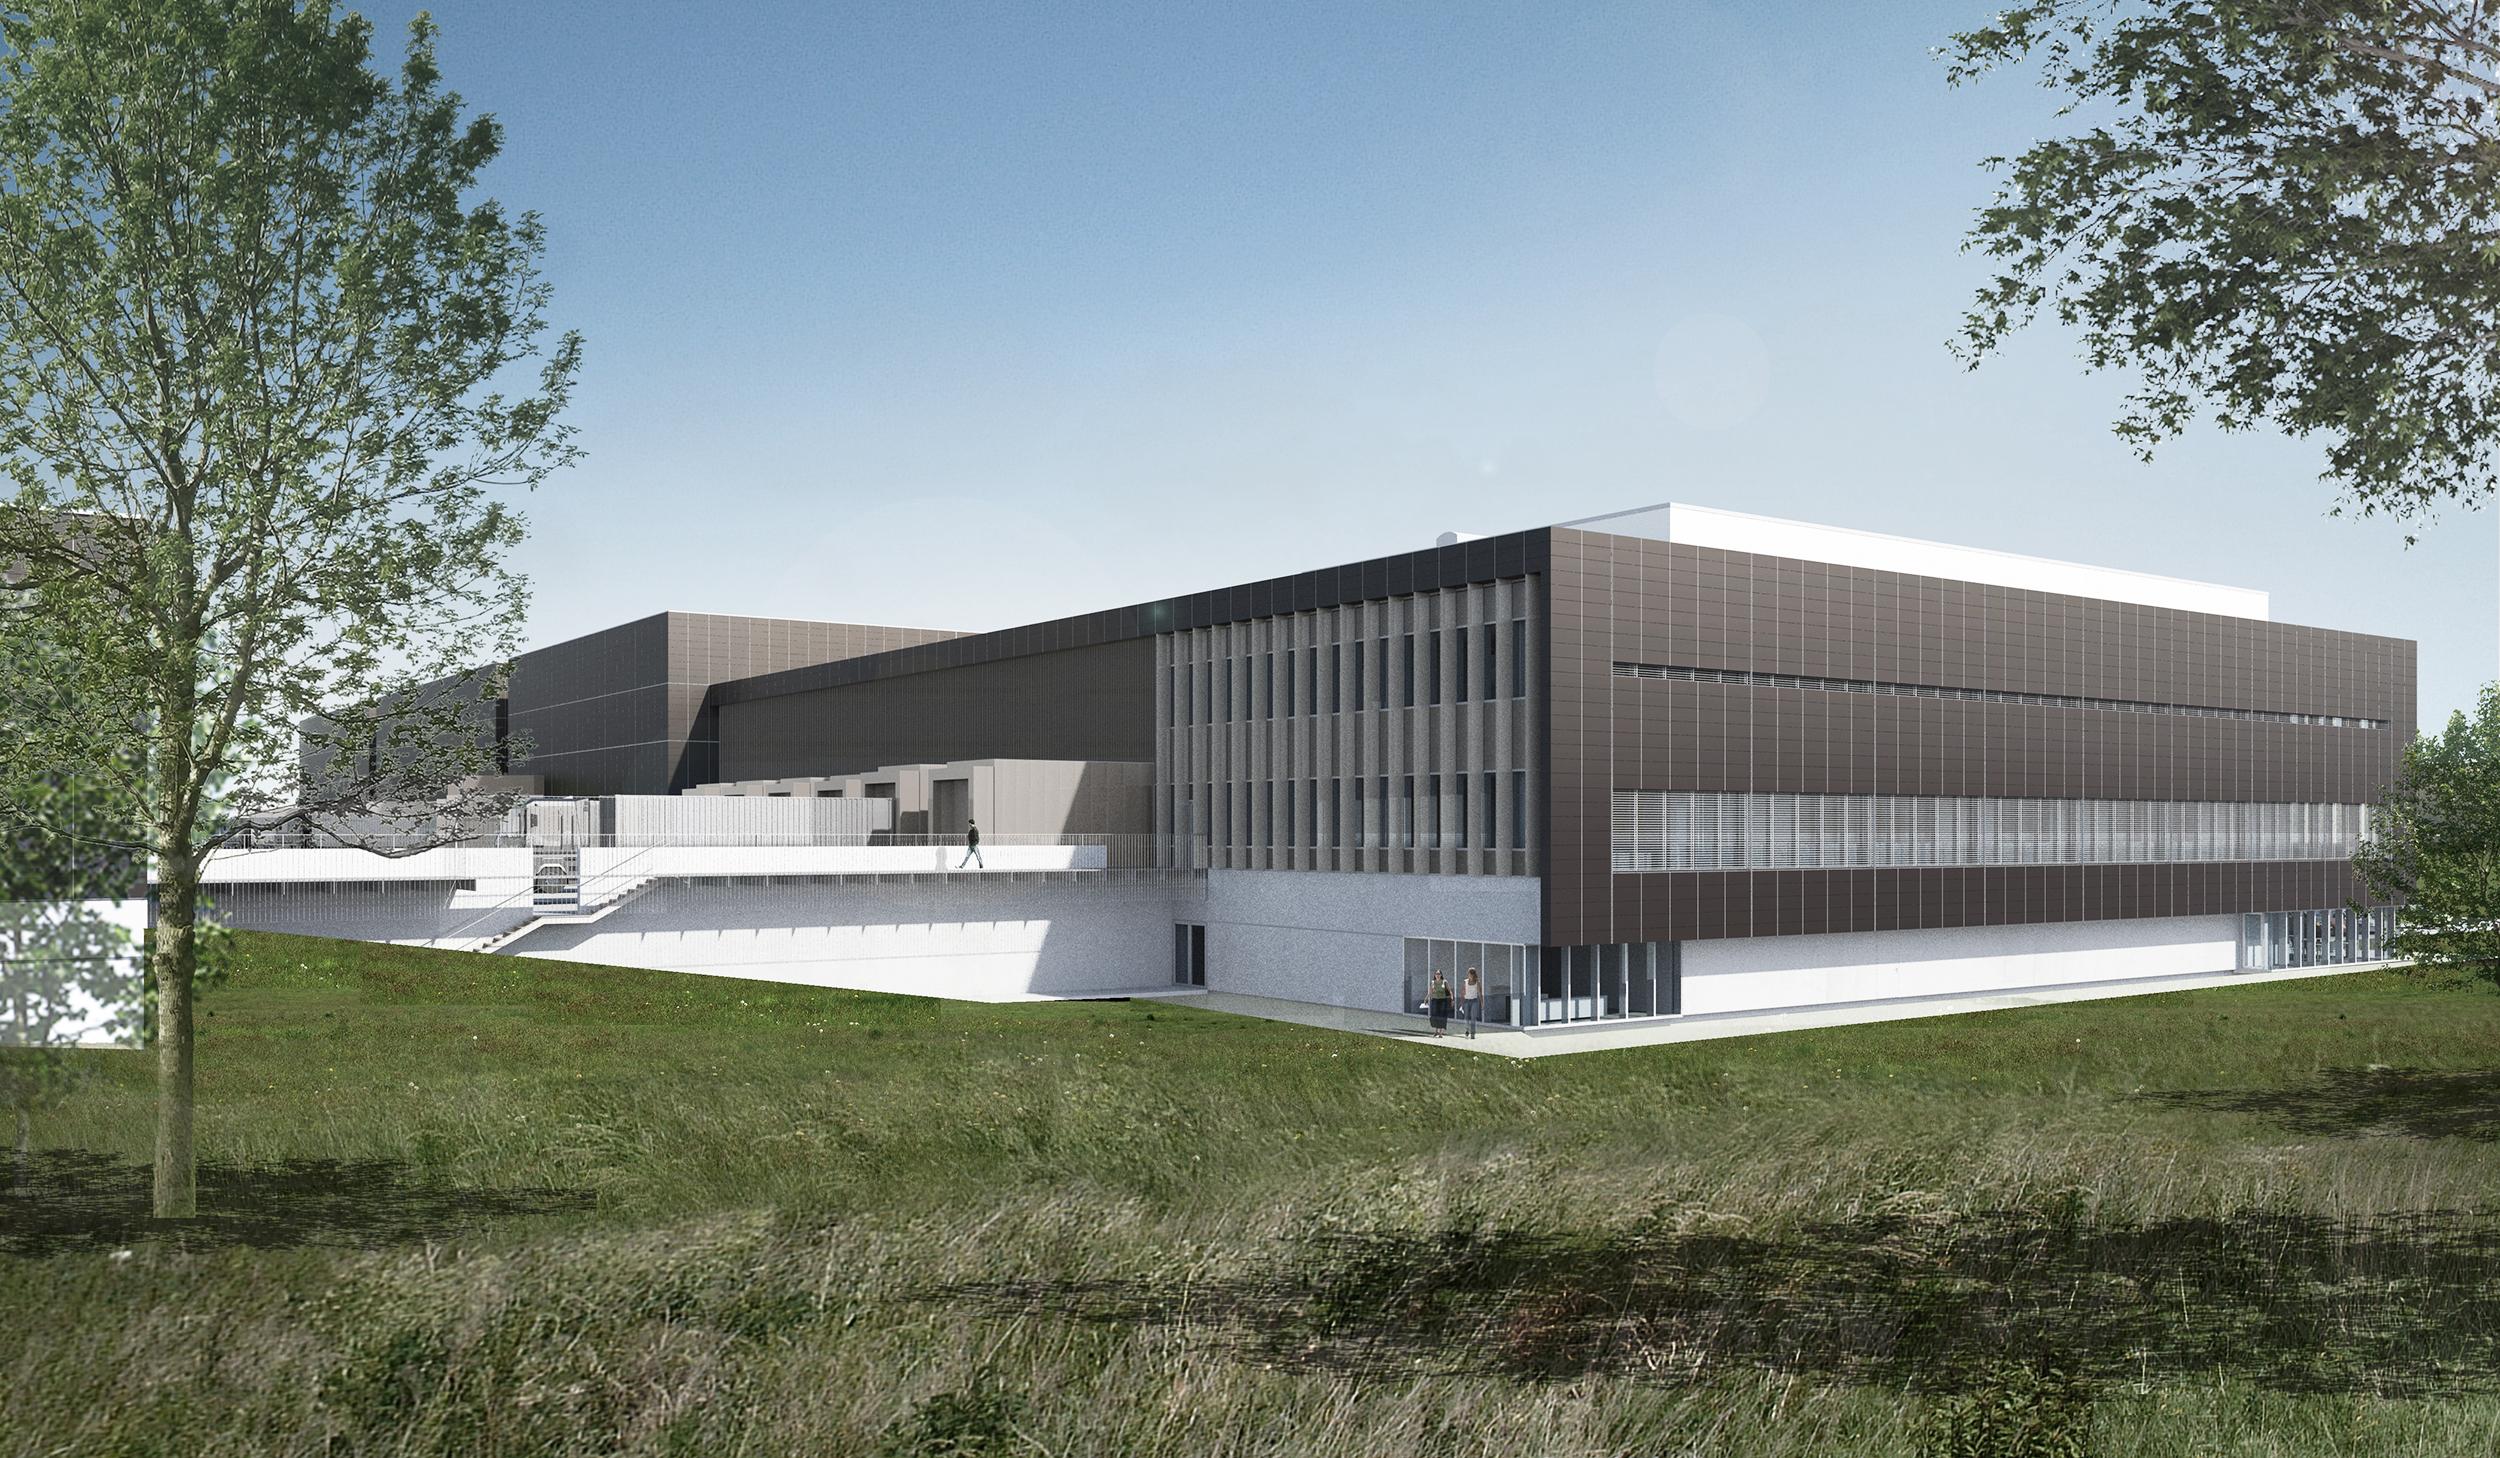 dw-nn-ps-warehouse-facade_2500px-desat.jpg